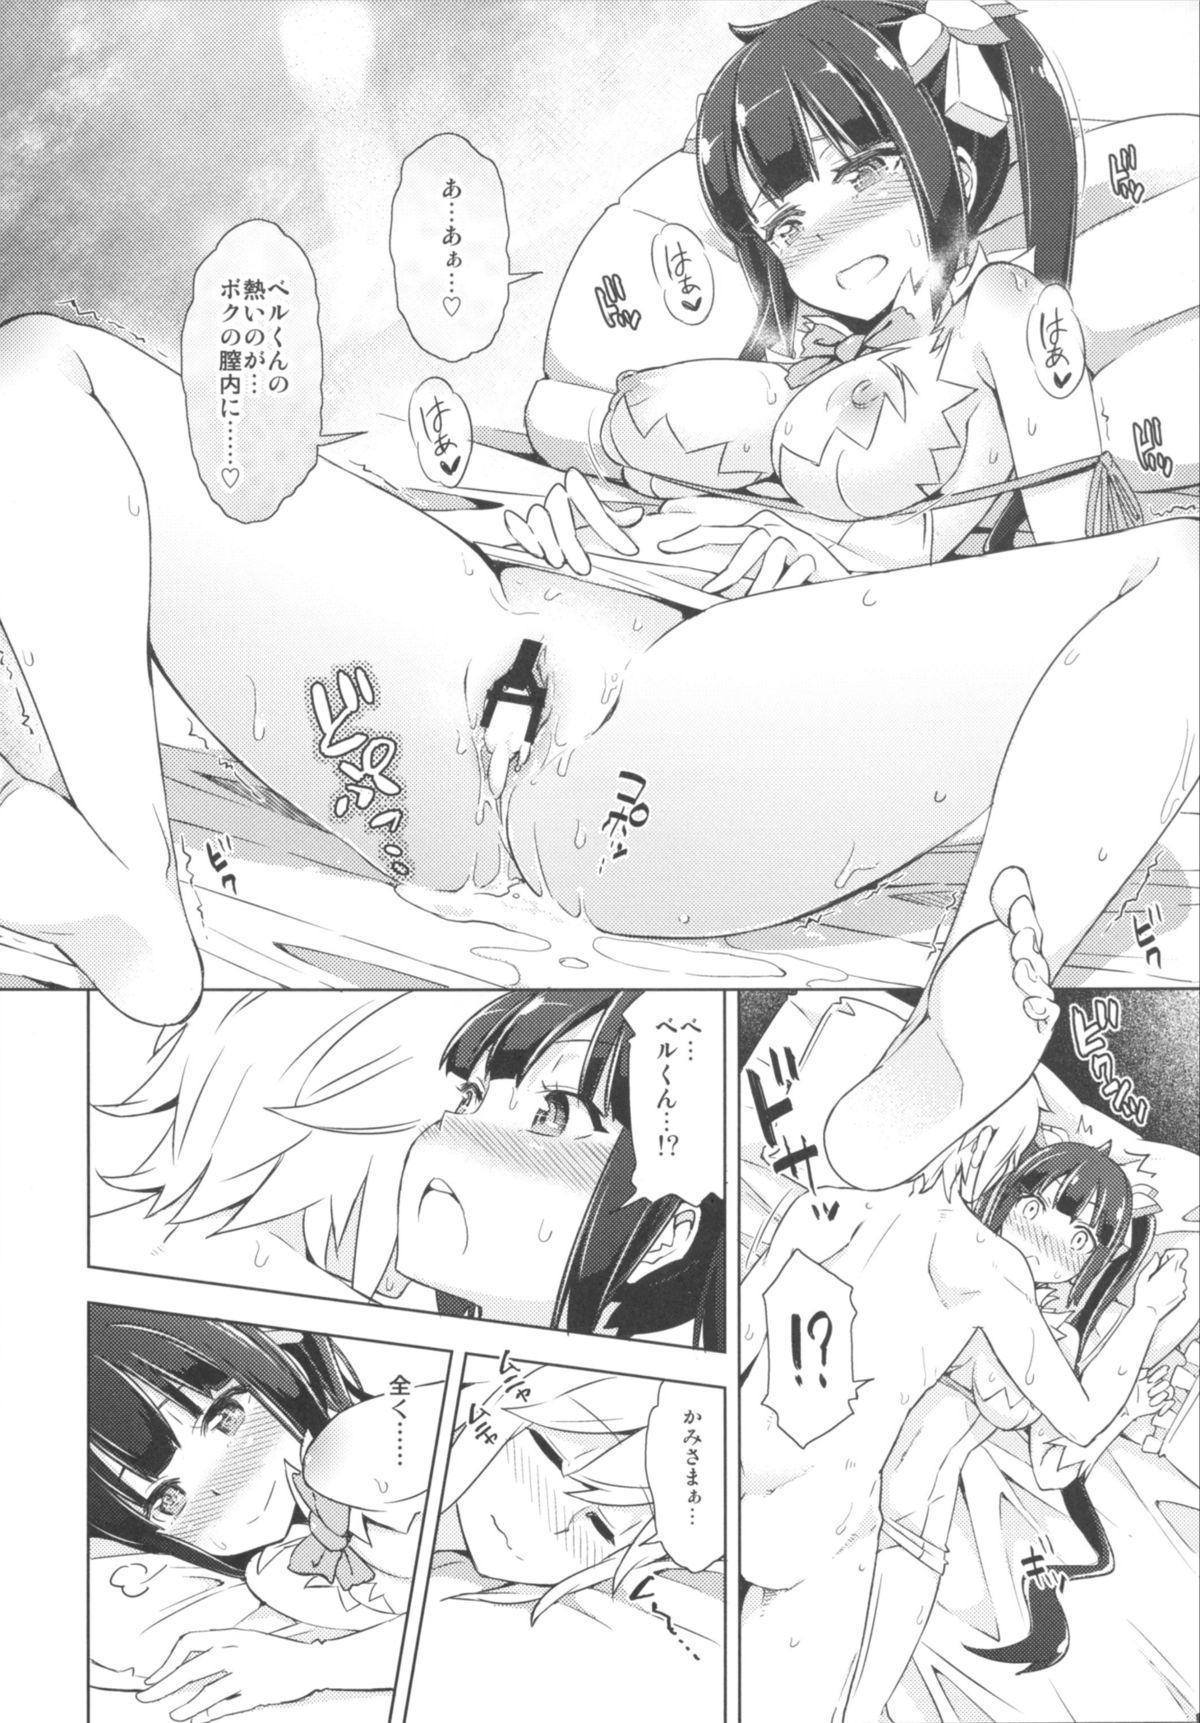 Kami-sama to Icha Love SEX suru no wa Machigatteiru Darou ka 19